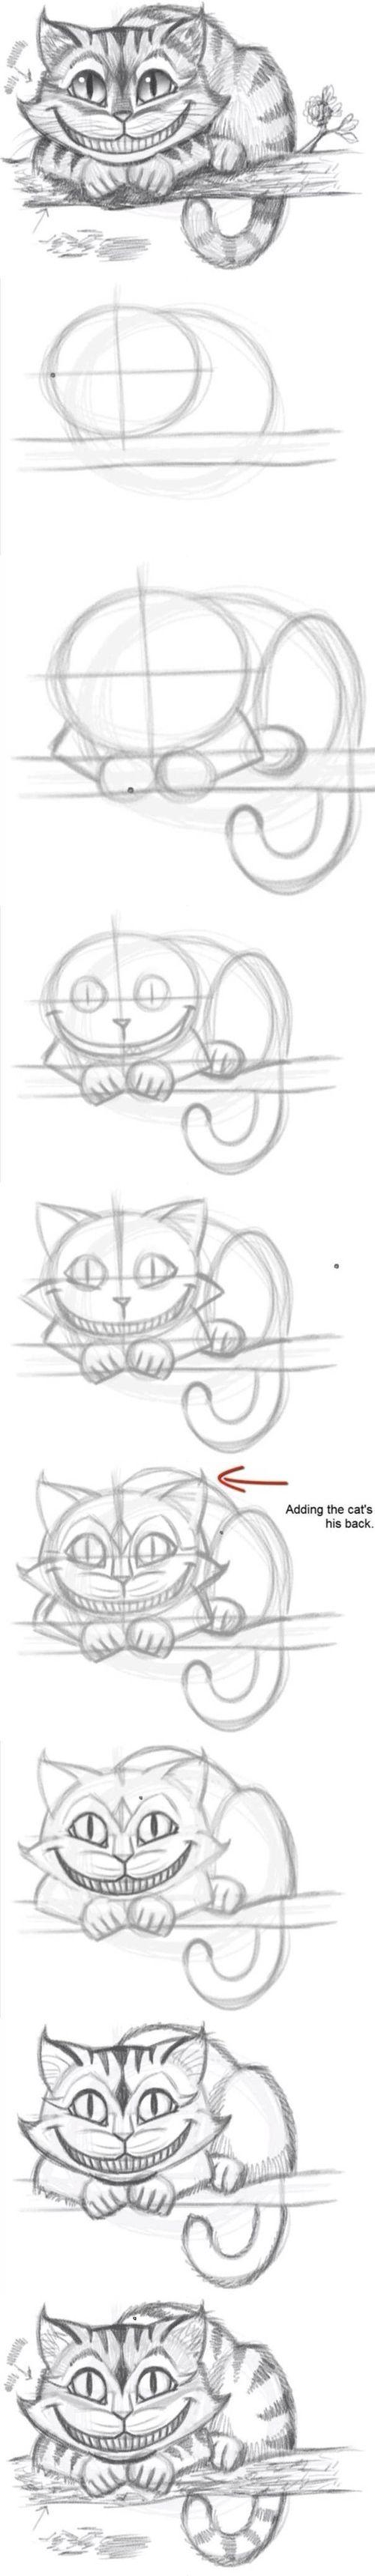 Tutoriel Dessiner Le Chat D Alice Au Pays Des Merveilles Cool